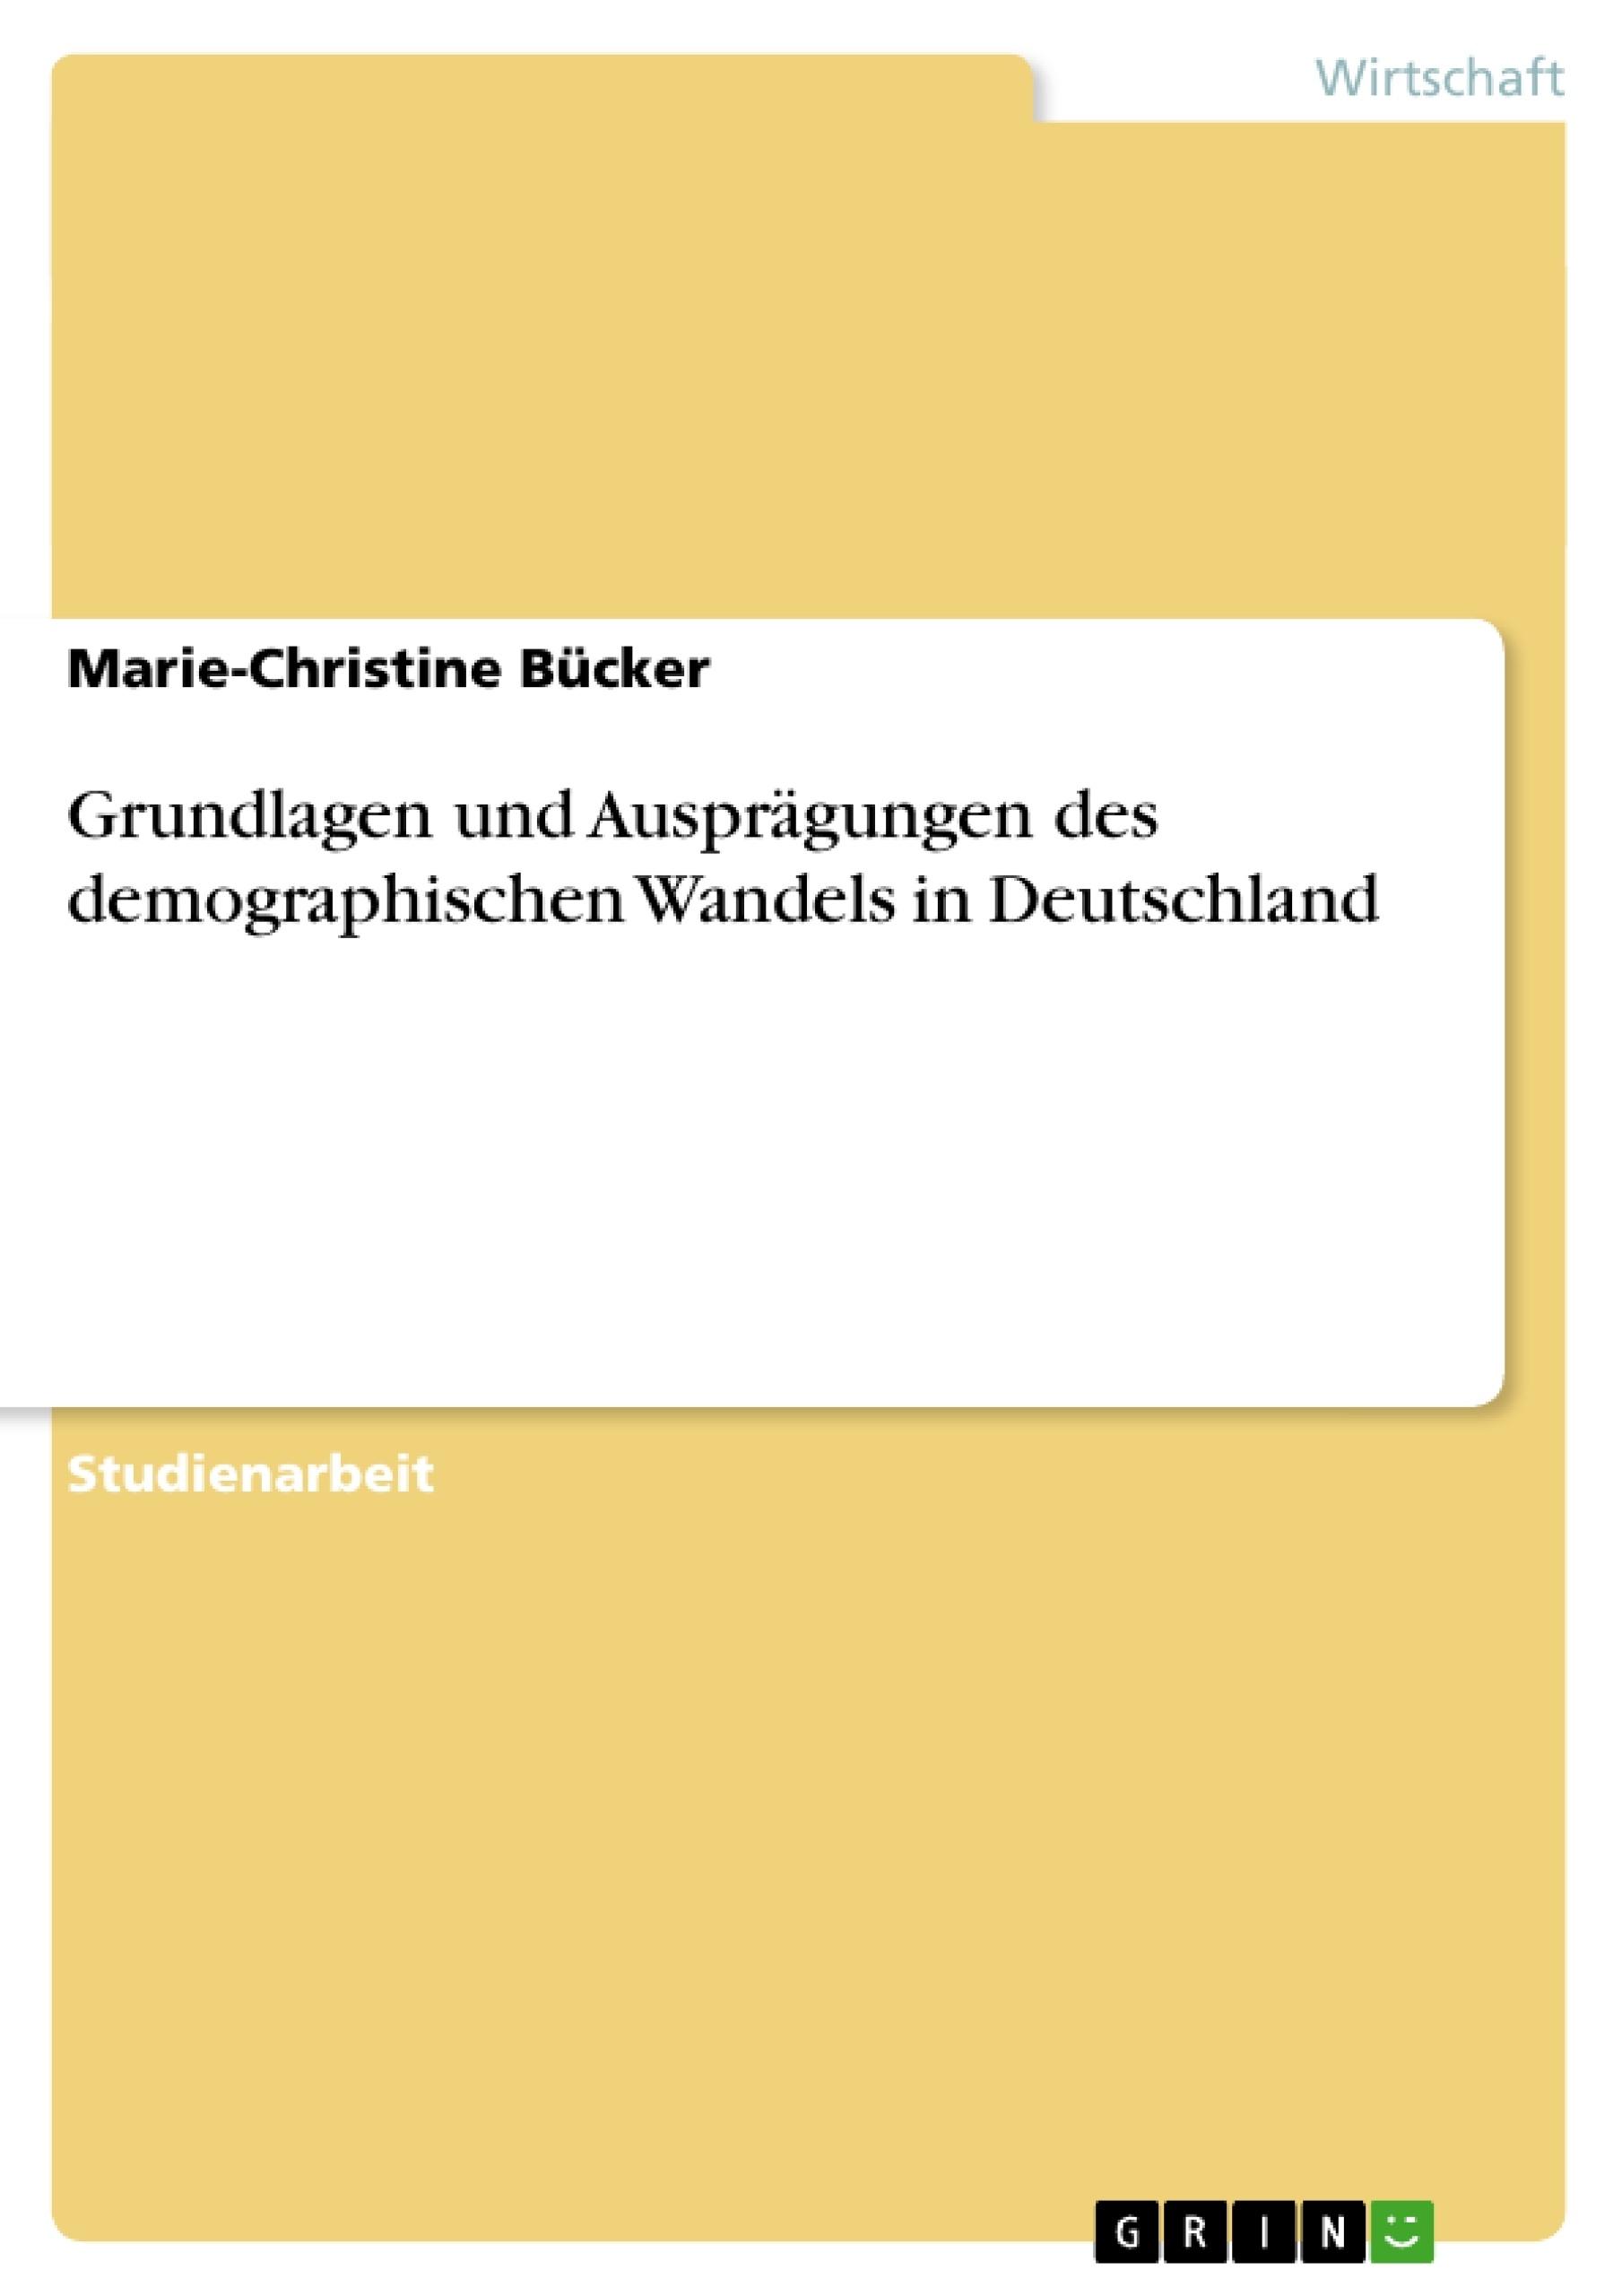 Titel: Grundlagen und Ausprägungen des demographischen Wandels in Deutschland